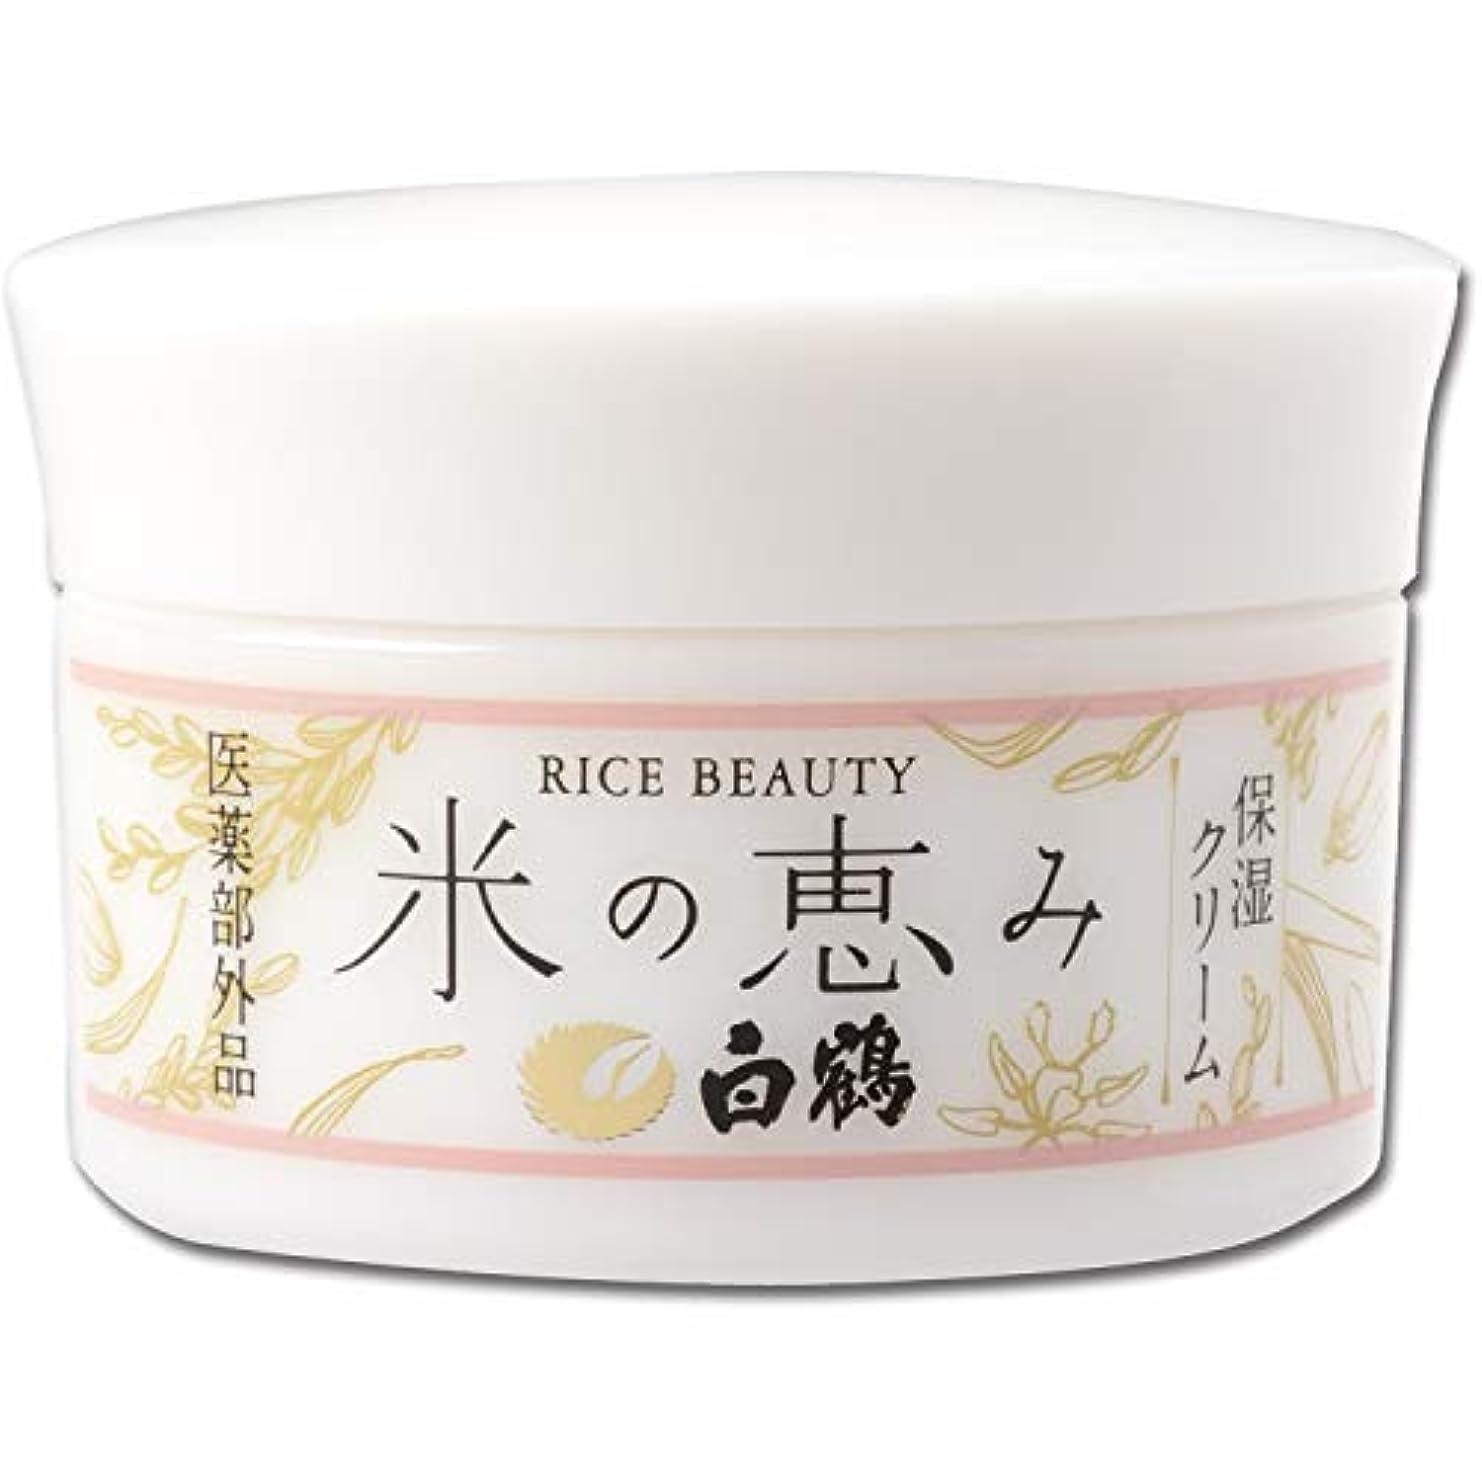 神の差別する腐った白鶴 ライスビューティー 米の恵み 保湿クリーム 48g (医薬部外品)